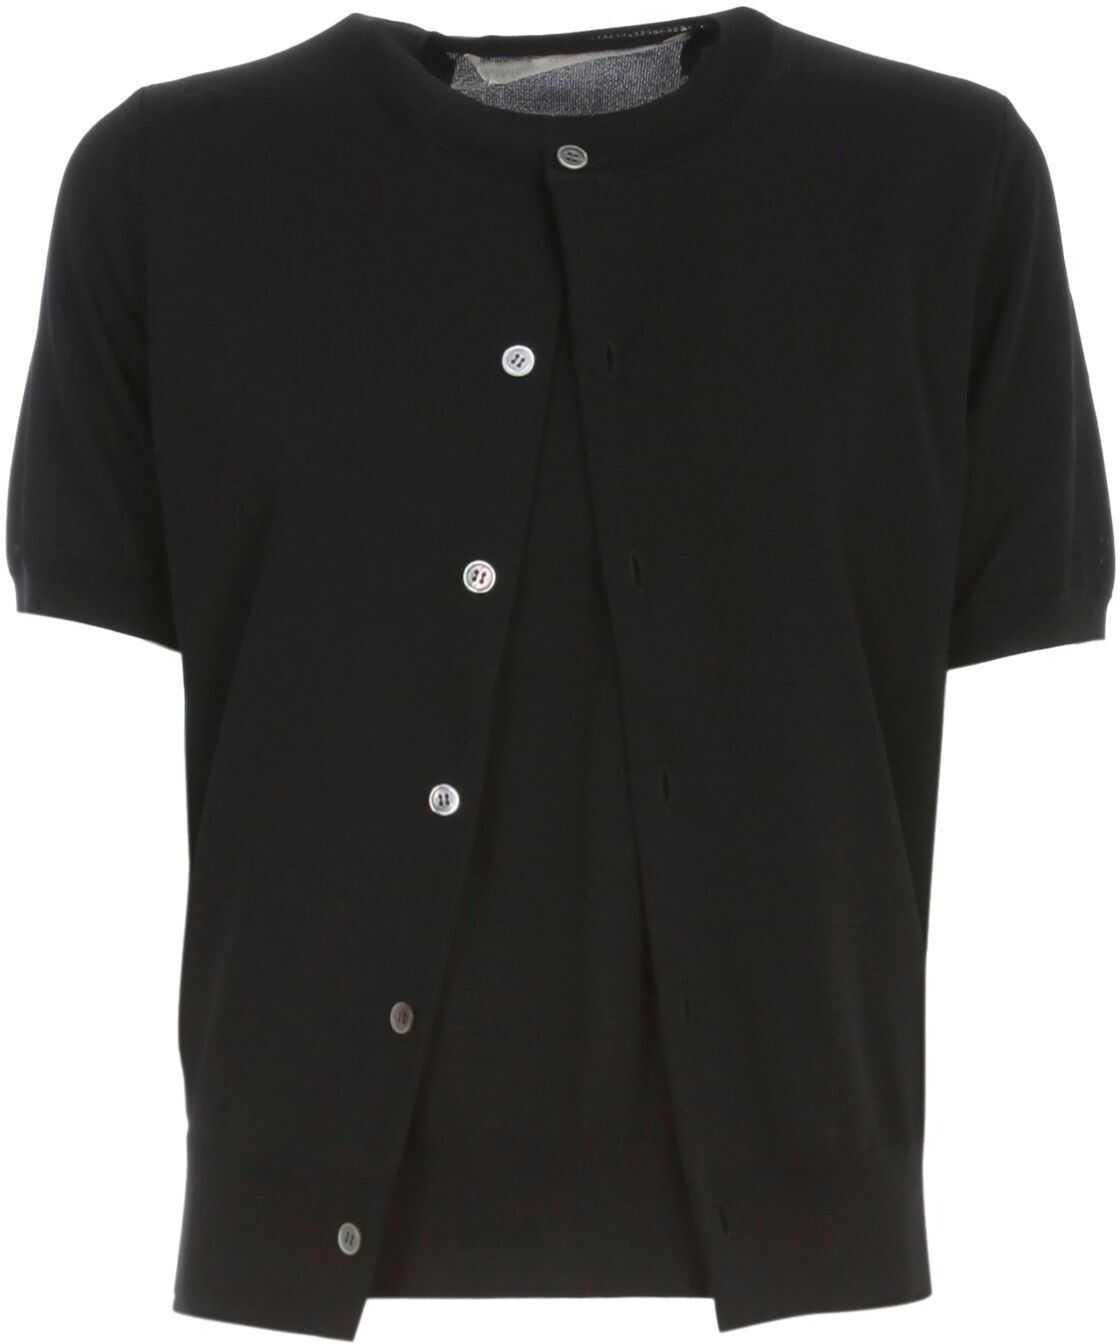 Comme des Garçons Cotton T-Shirt BLACK